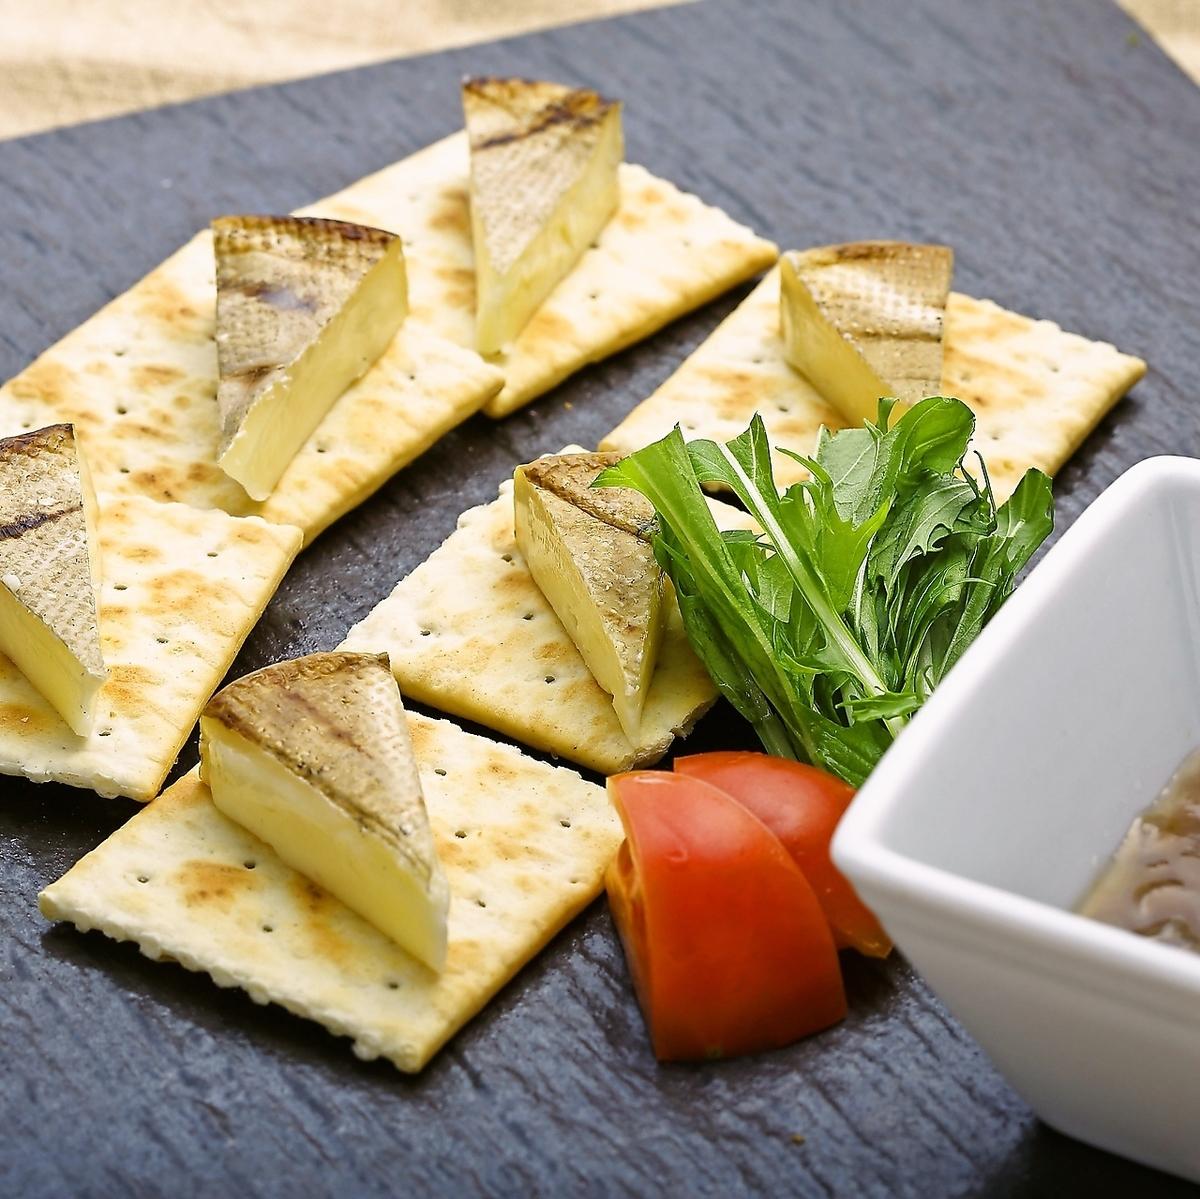 秸稈烤卡門培爾奶酪和白酒